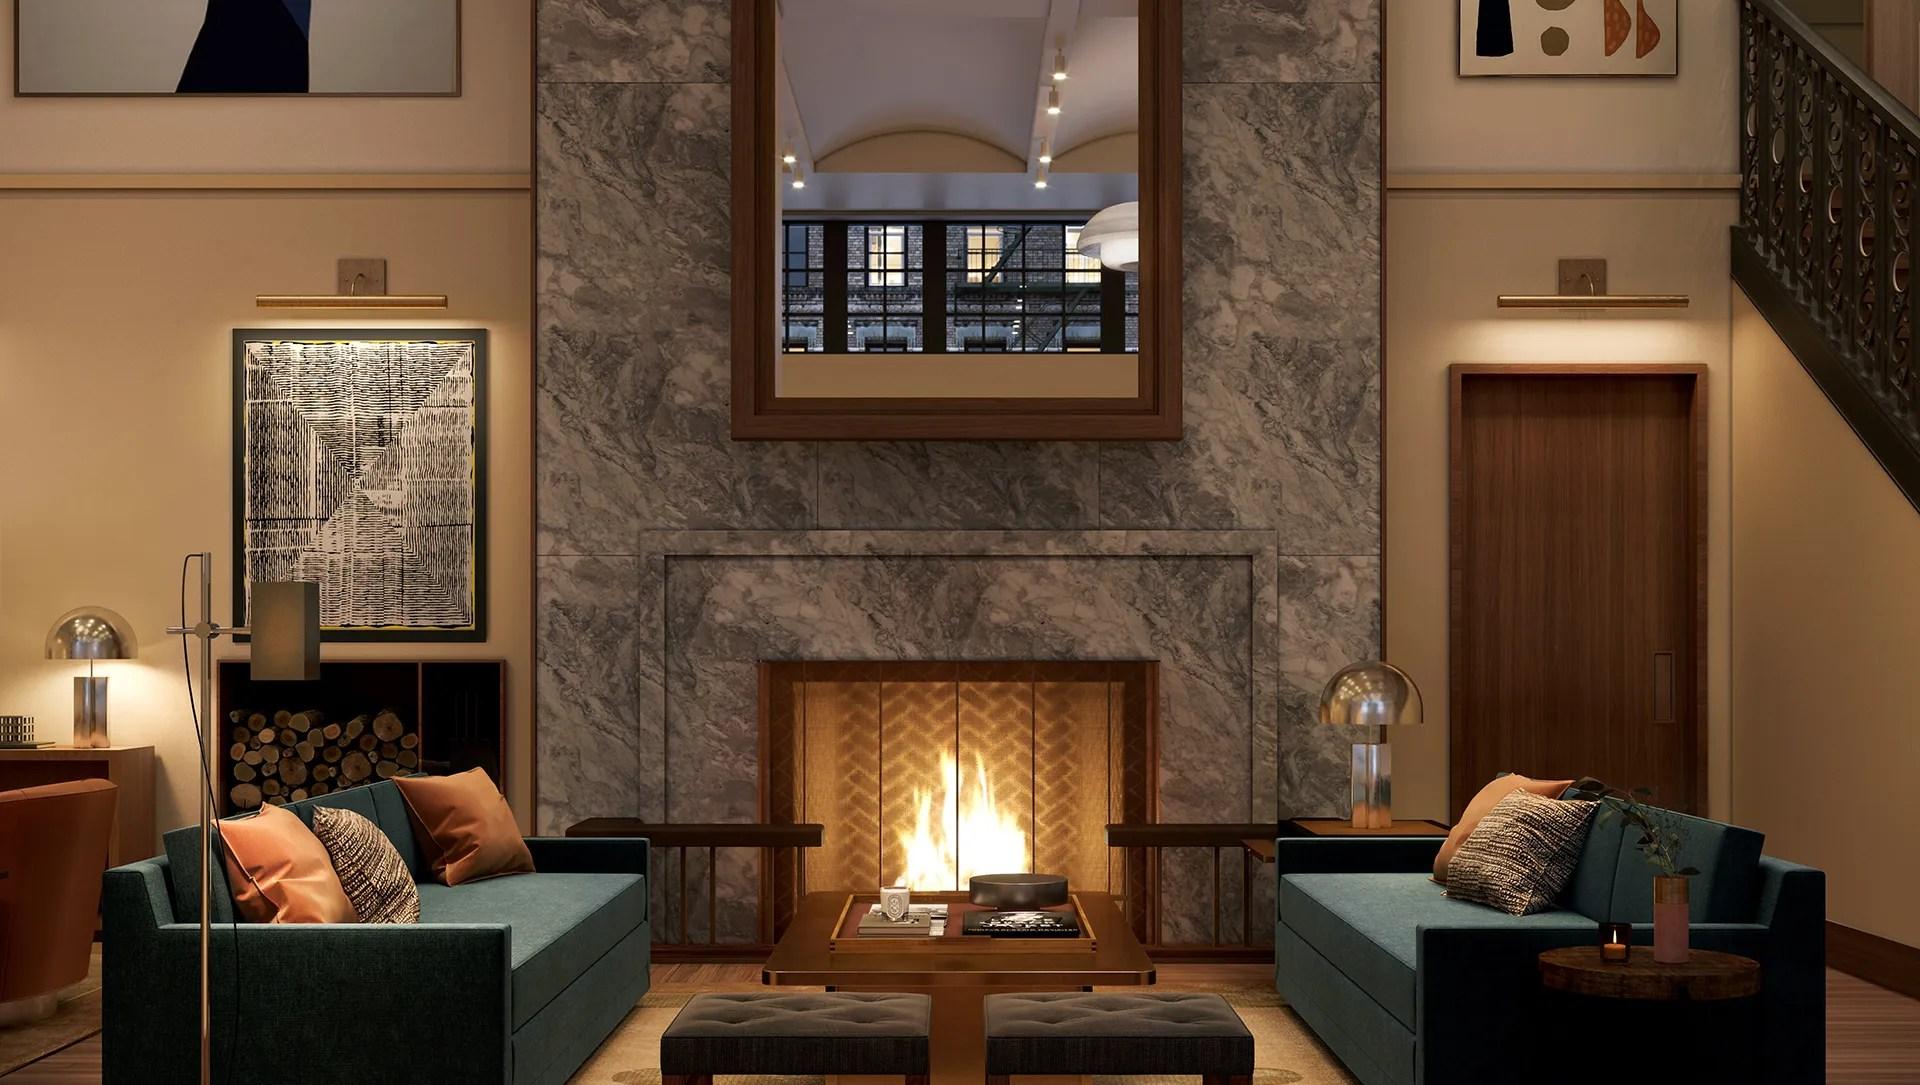 Shinola Luxury Watch Brand Debut Hotel In Detroit